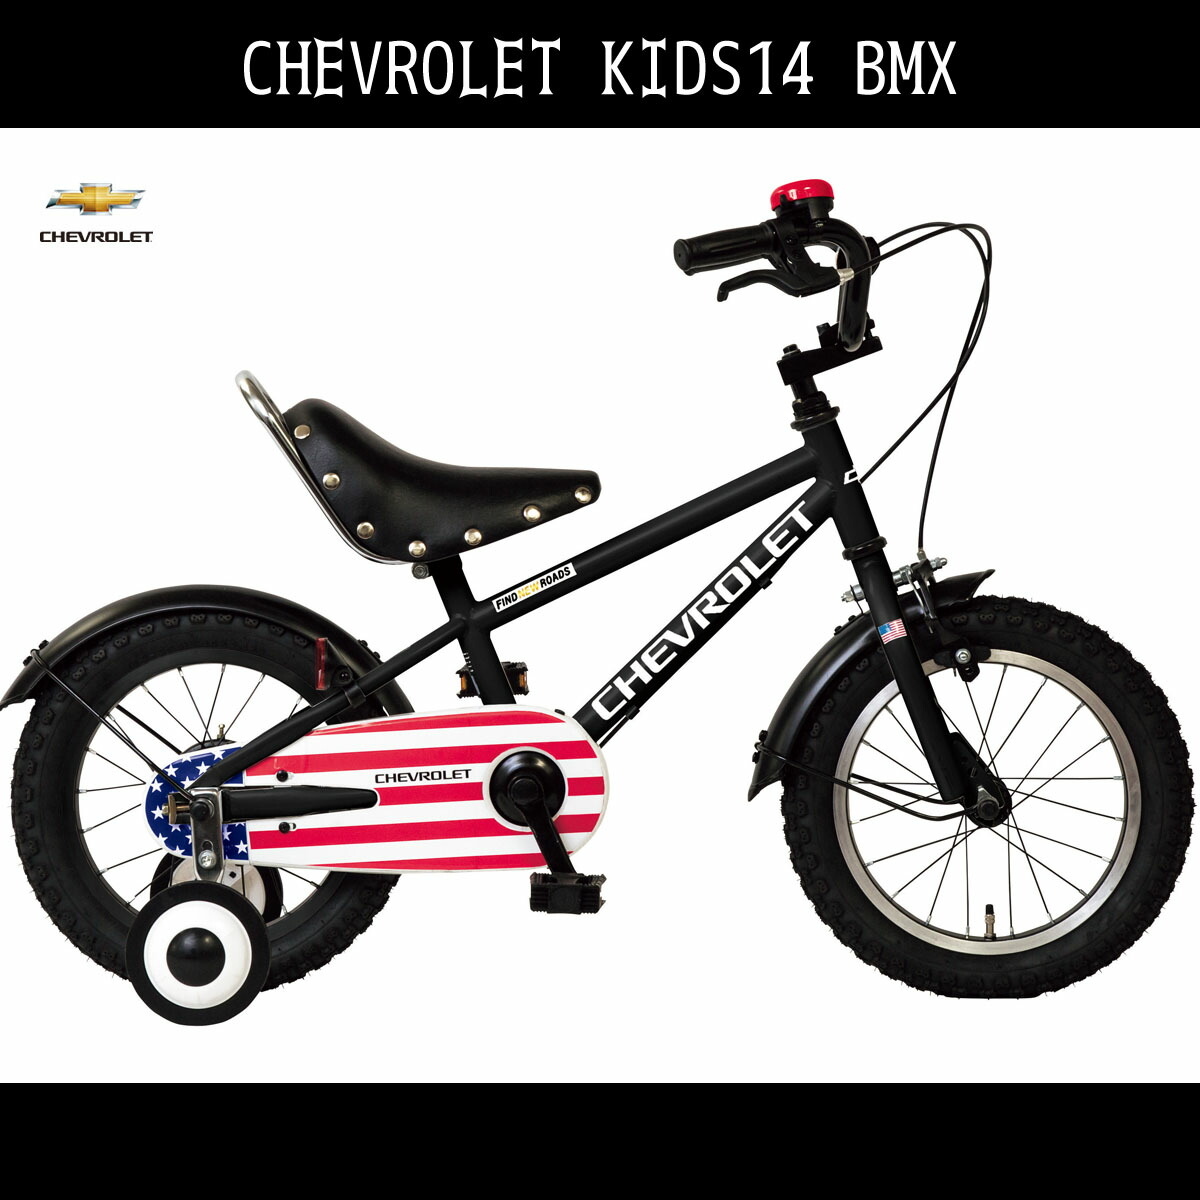 子供用 マウンテンバイク 幼児 補助輪付き 自転車 シボレー ブラック/黒14インチ 自転車ギアなし 補助輪 泥除け CHEVROLET CHEVY シェビー シボレー KID'S14BMXキッズ 自転車 ジュニア